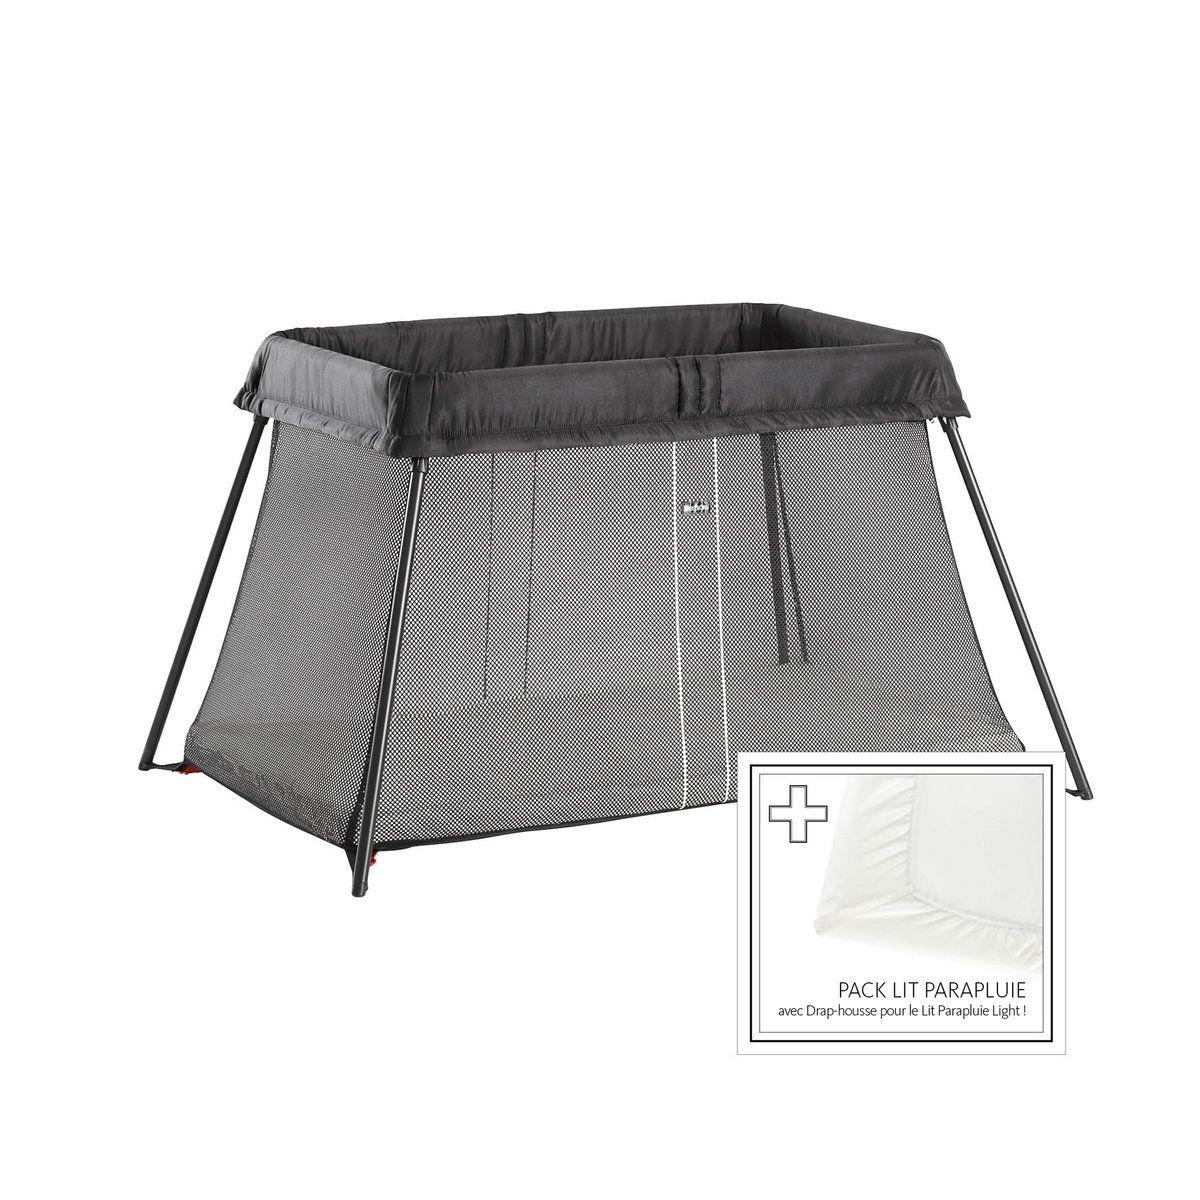 Lit parapluie + Drap housse inclus 640001